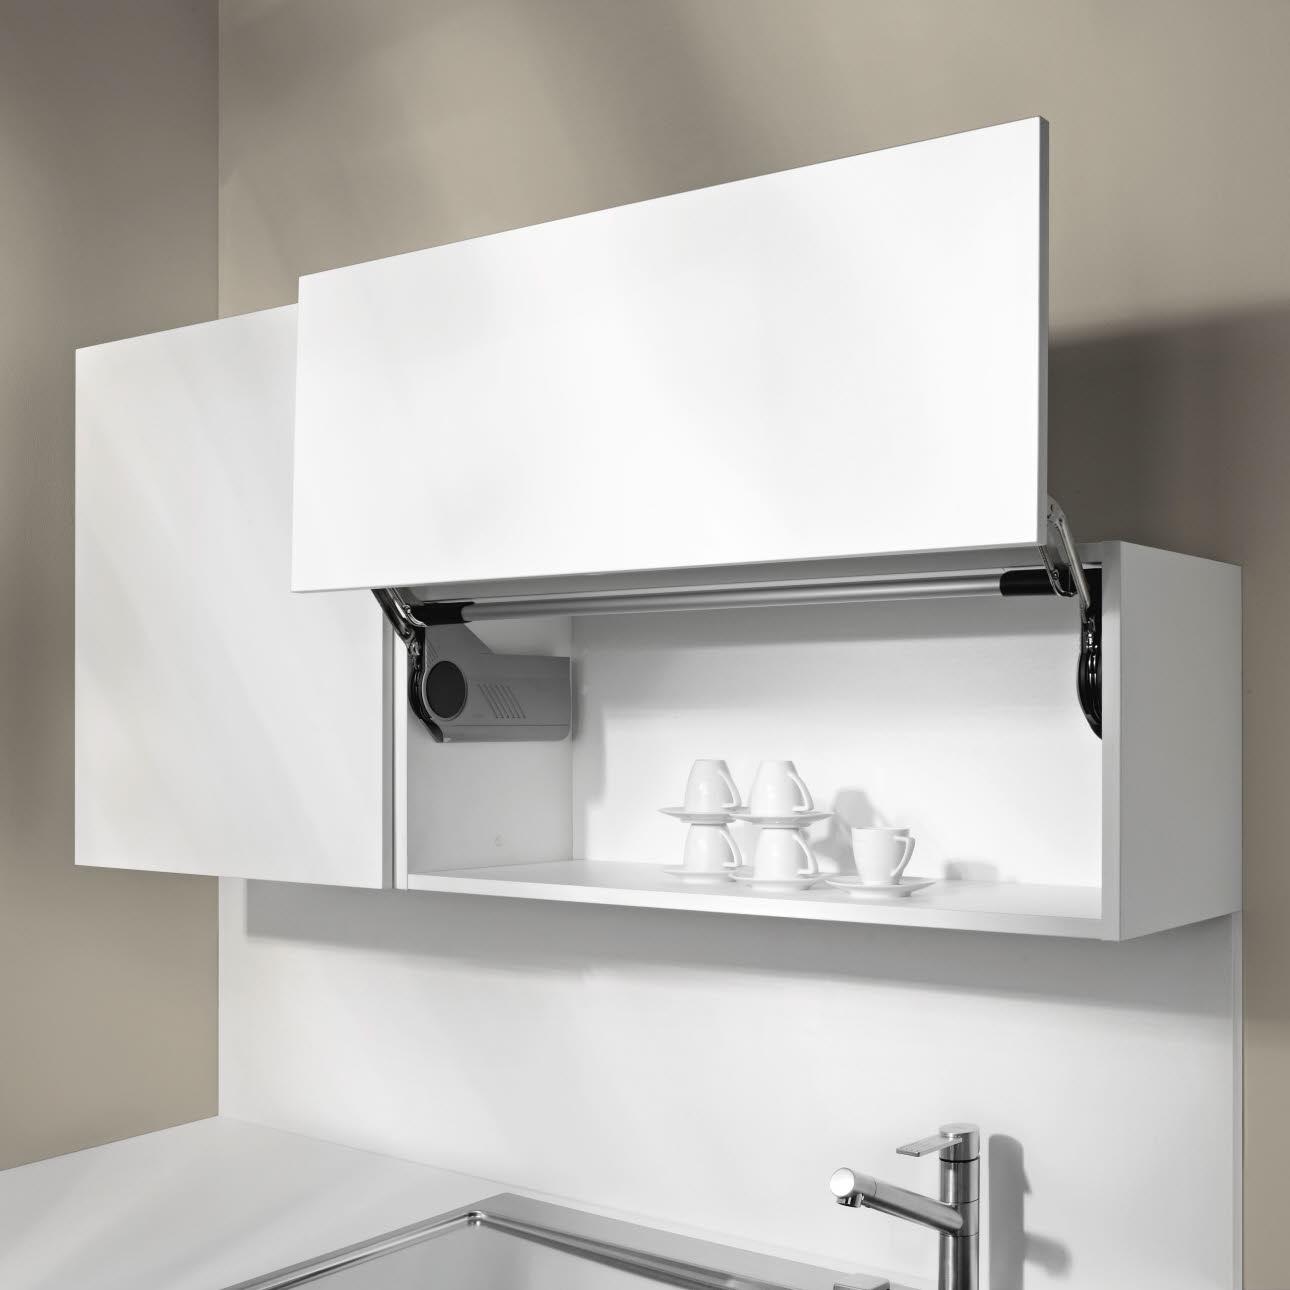 Moderne Küche Accessoires: Oberschranklösungen